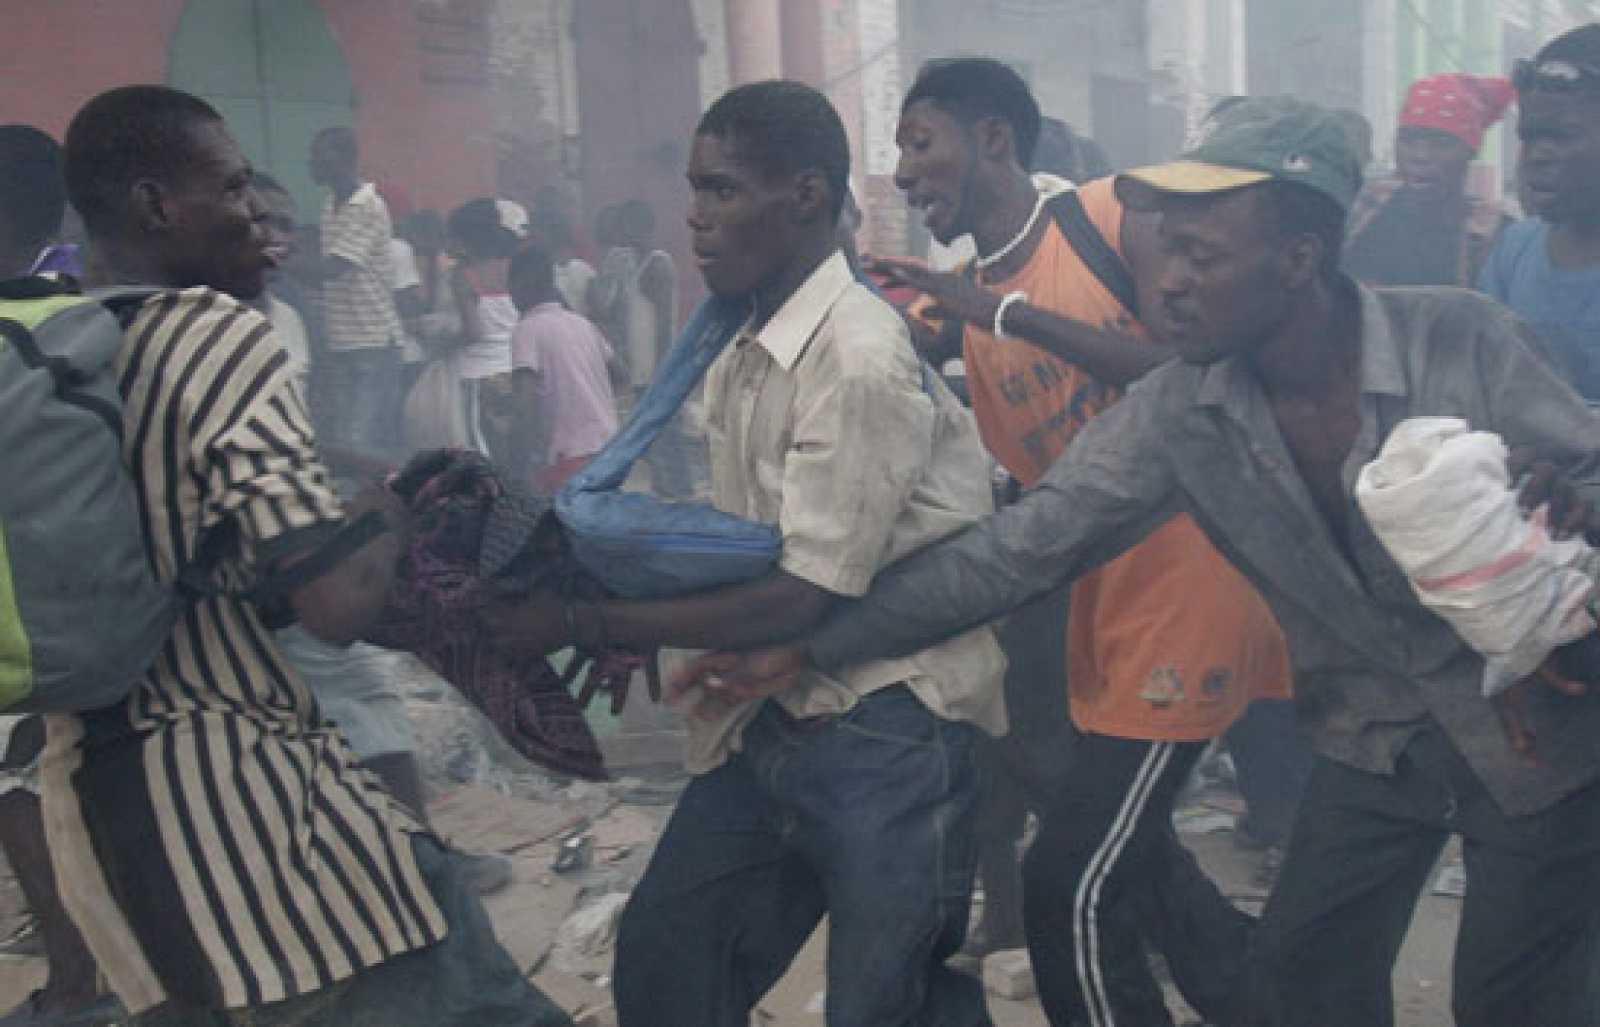 Haití: Crece desesperación y presión por ayuda tras sismo